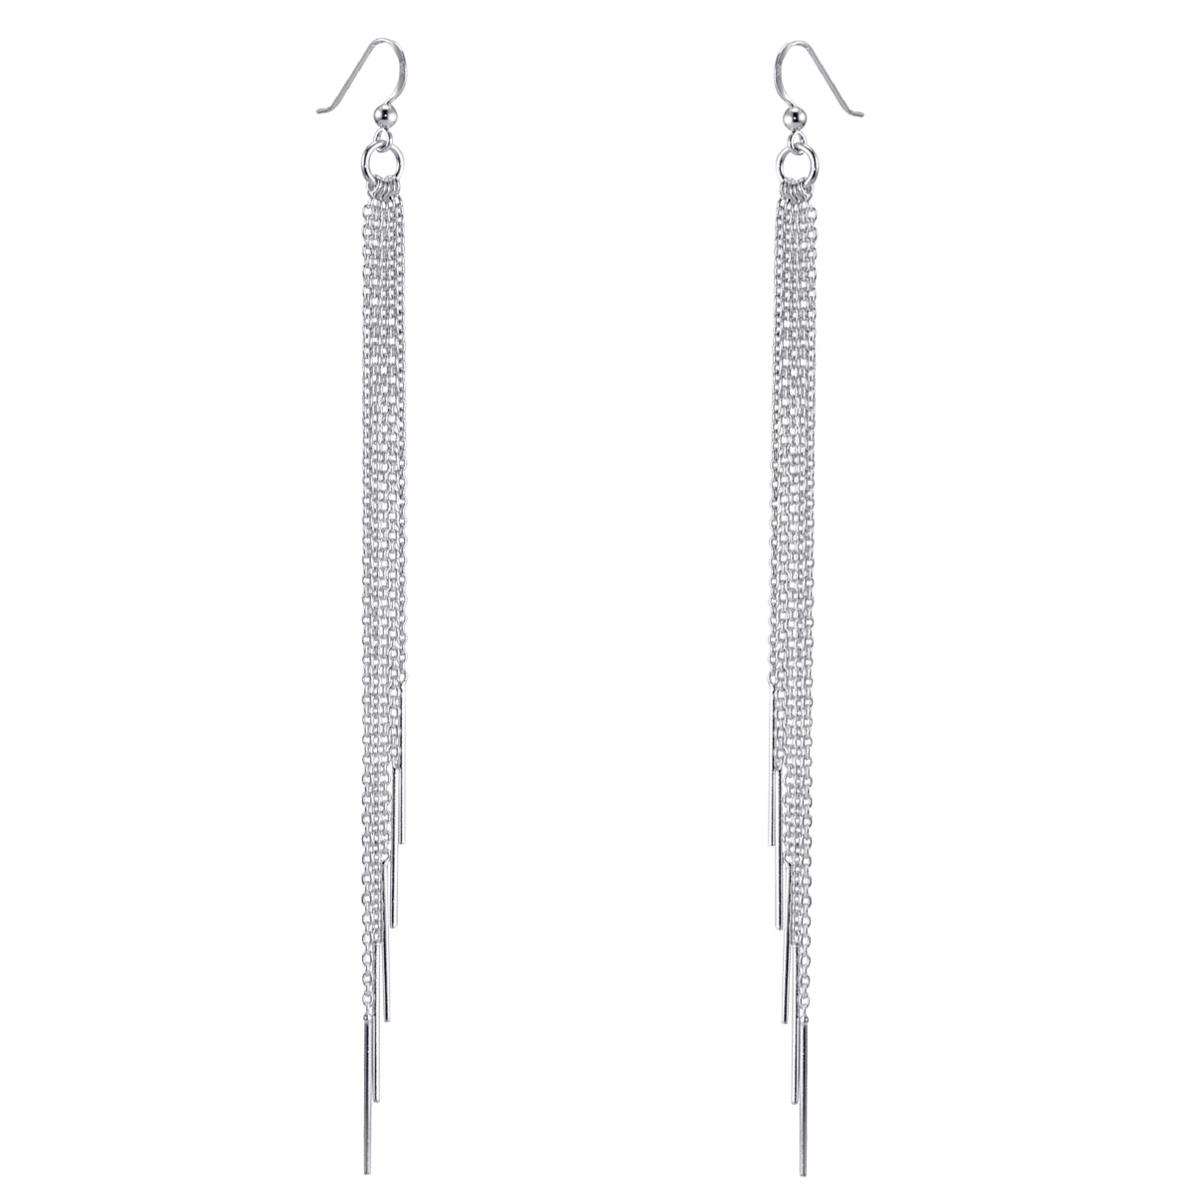 4c2bea894fc19 MATERIA Damen Ohrringe lang hängend 925 Silber Stäbchen 6x140mm